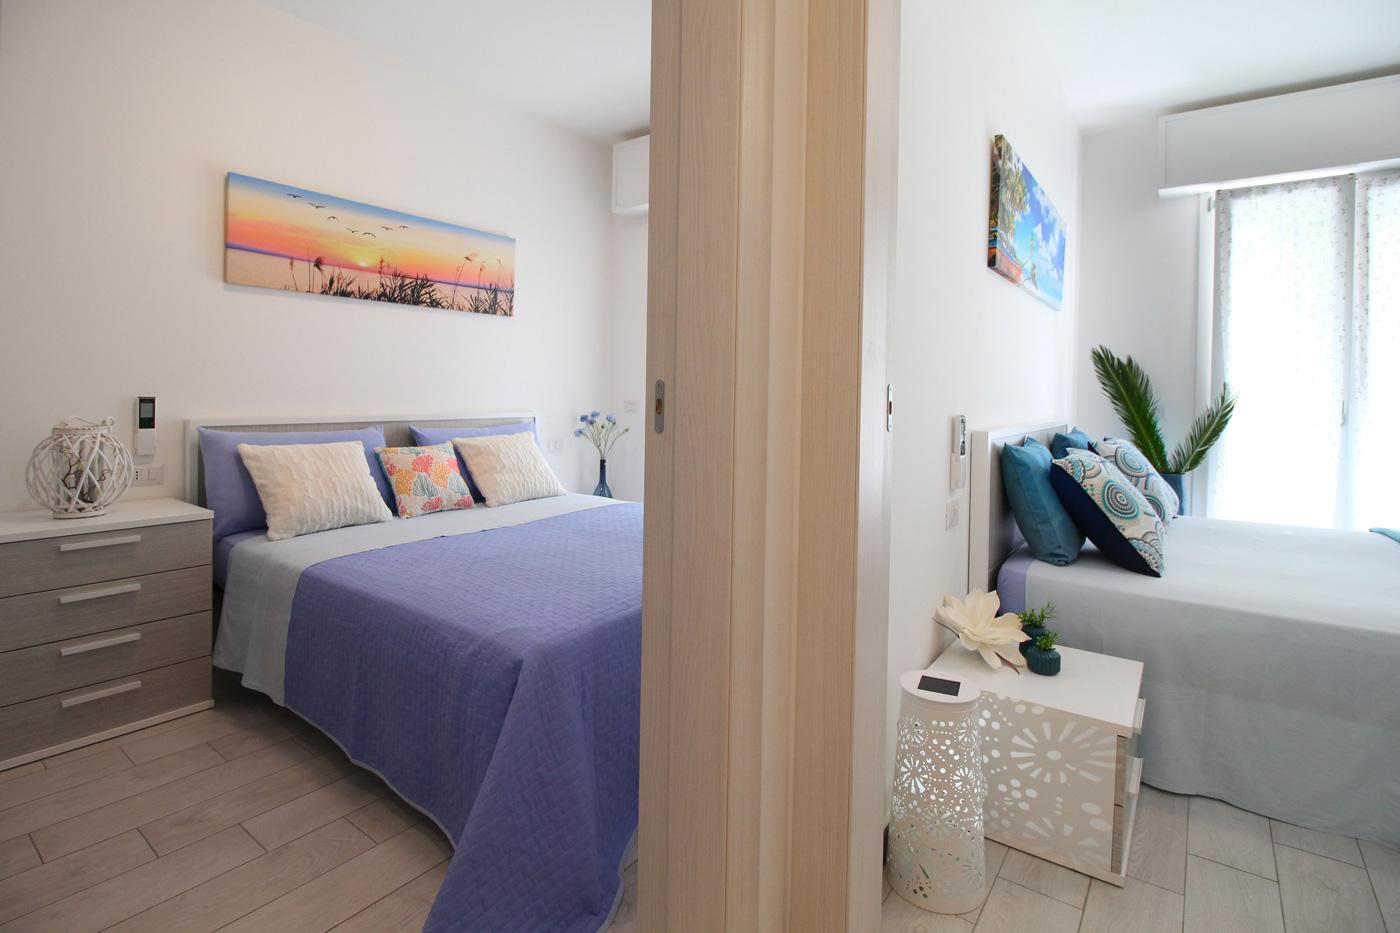 Appartemento al parco__IMG_7593_2